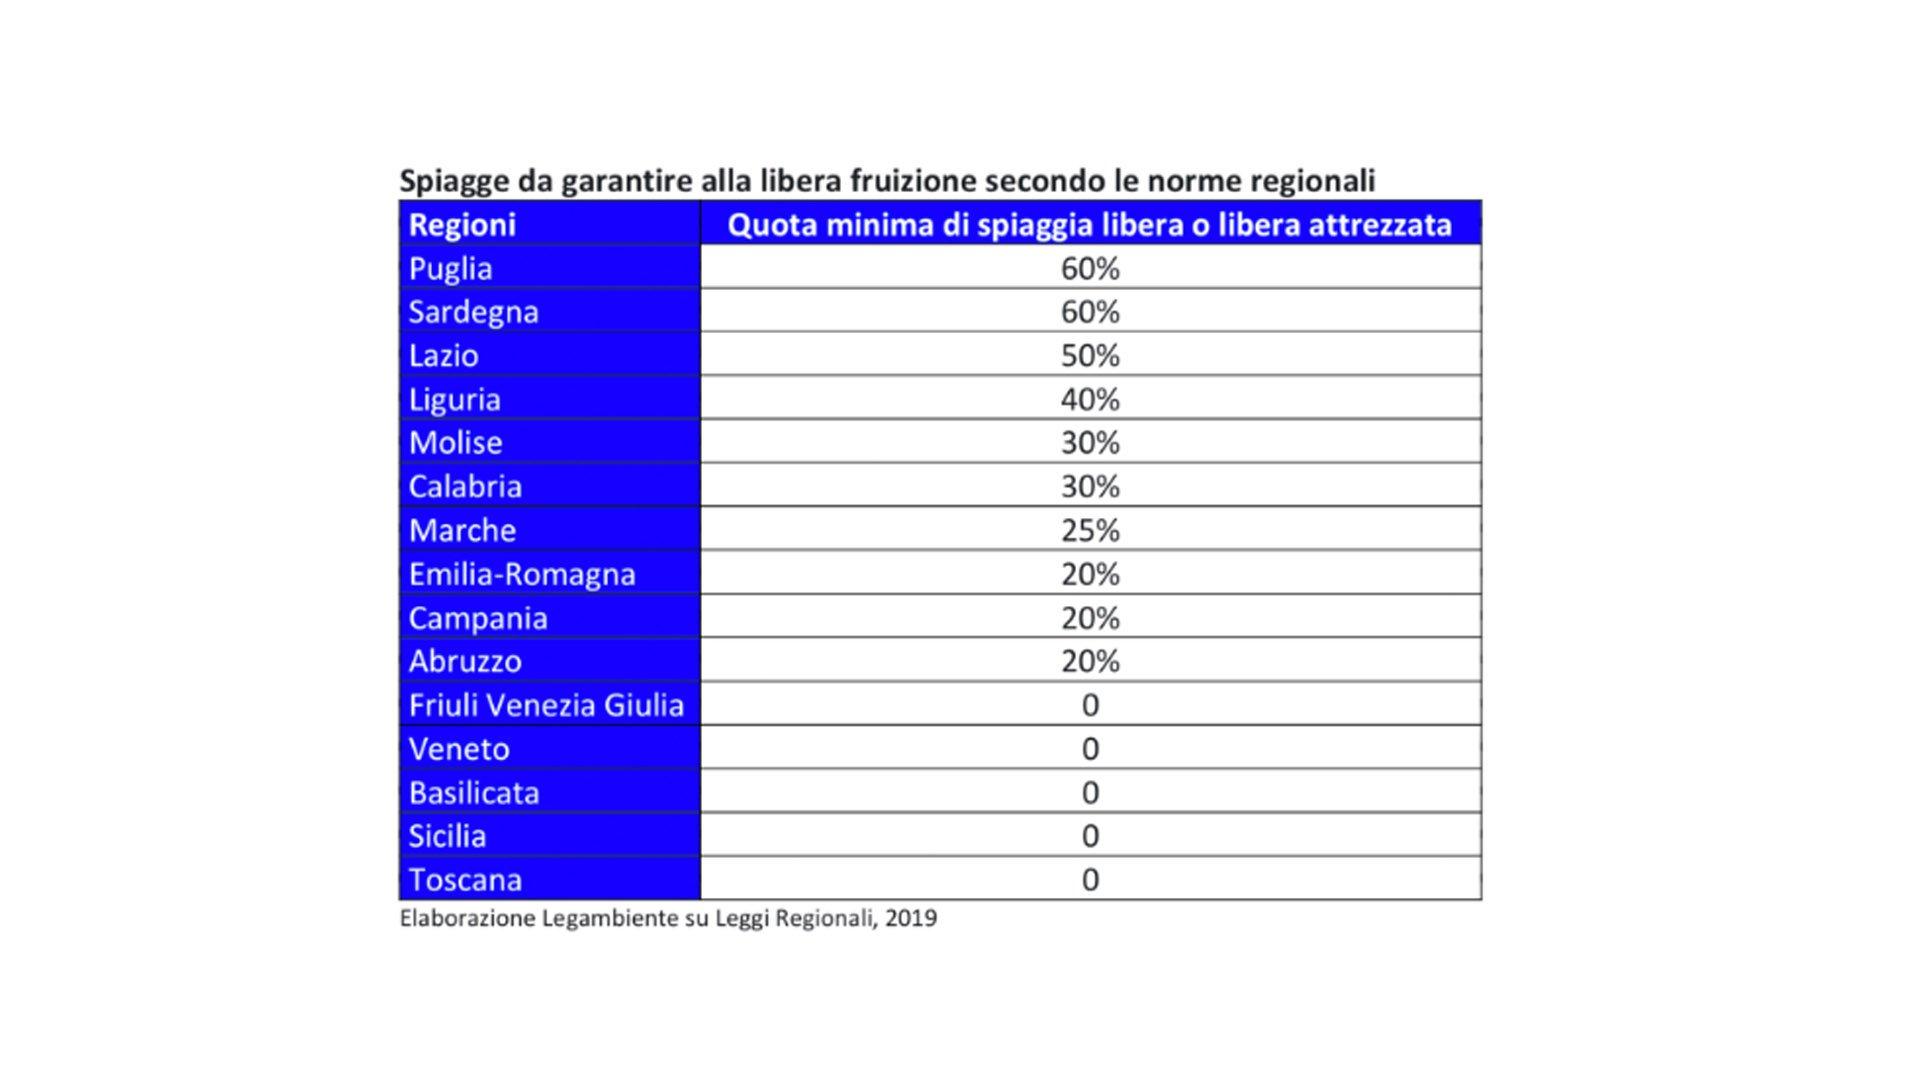 Le percentuali di spiaggia libera garantite dalle Regioni